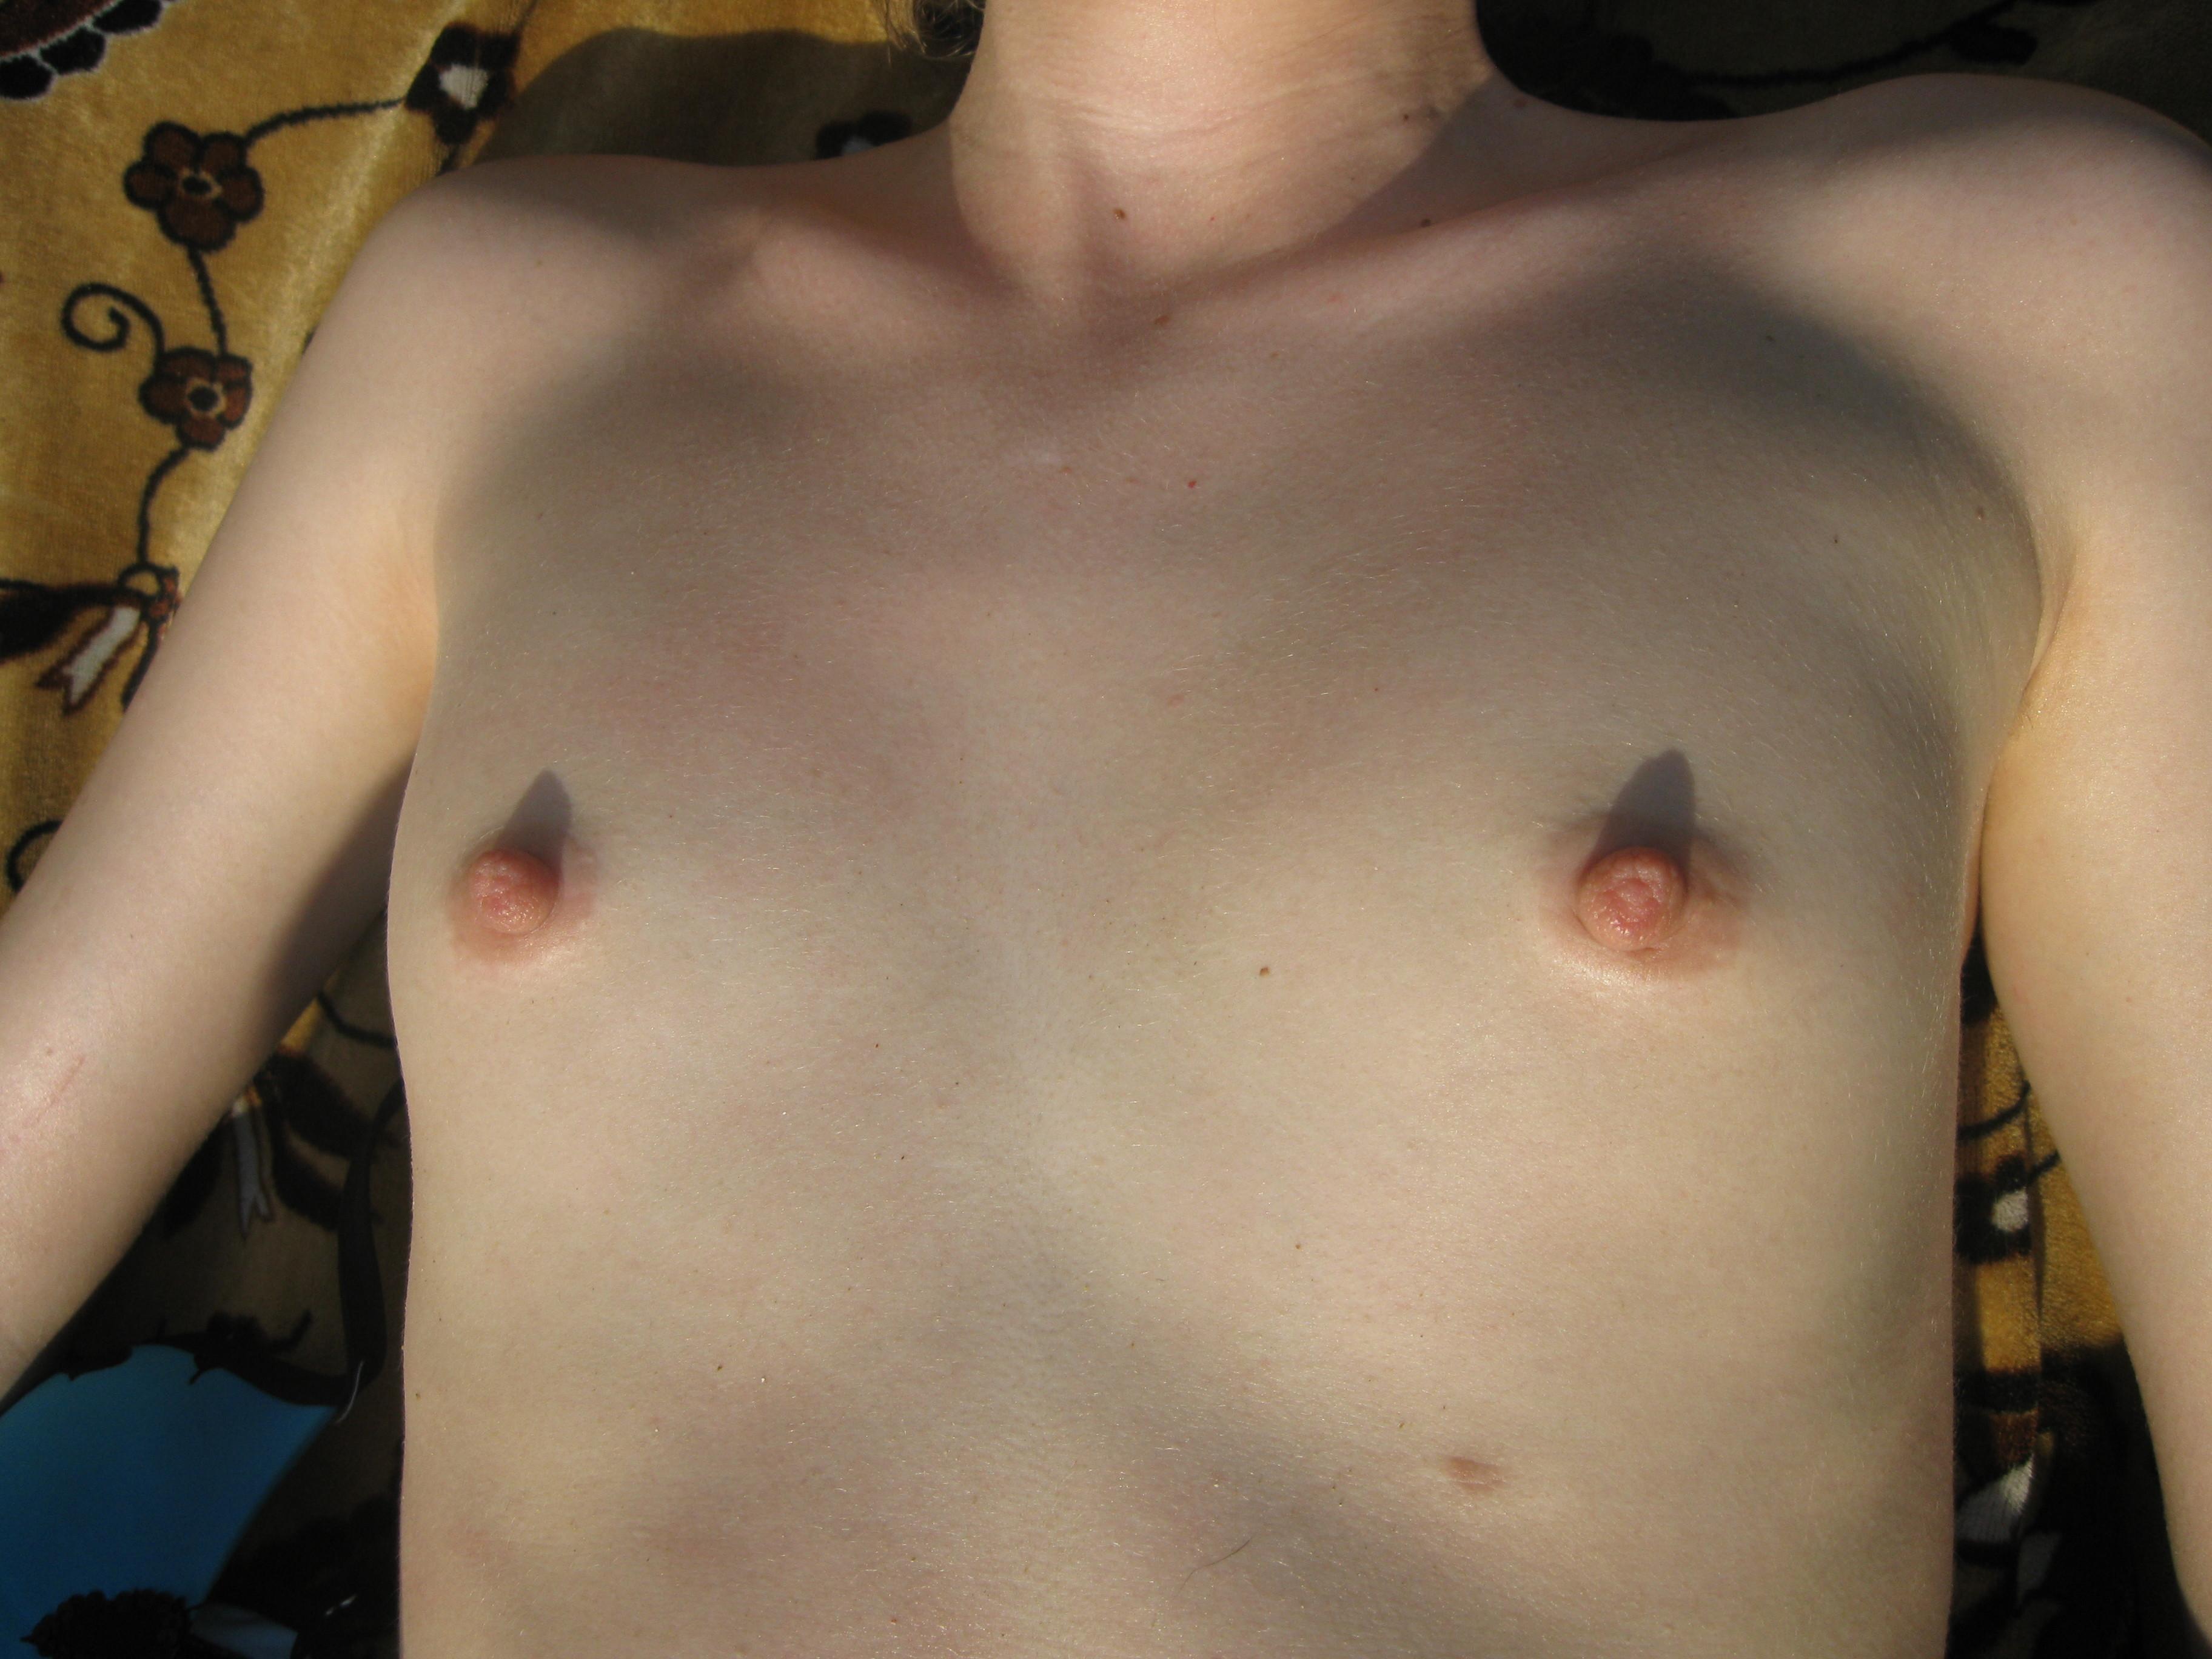 С очень очень маленькой грудью, Порно маленькие сиськи. Маленькая грудь видео онлайн 11 фотография